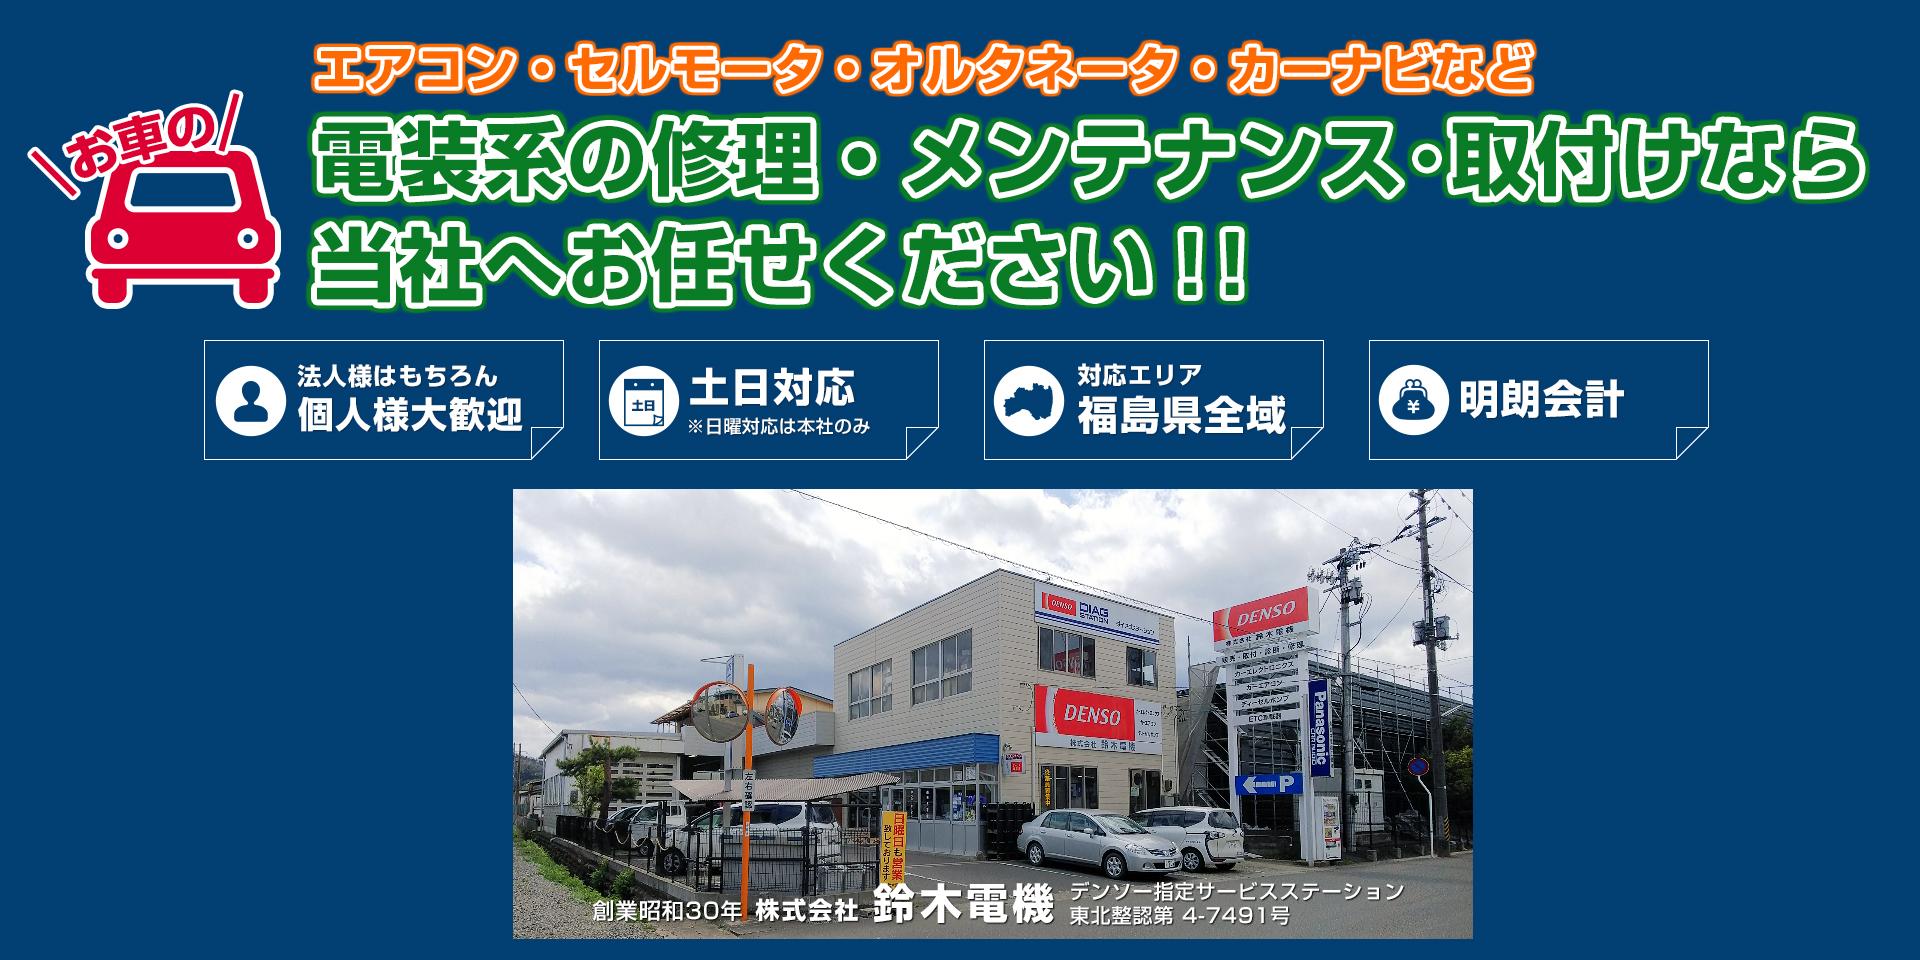 福島市 ダイアグステーション 電装品修理なら鈴木電機|エアコン・ドライブレコーダ・カーナビ・ETC・スタータ・ガラス 等